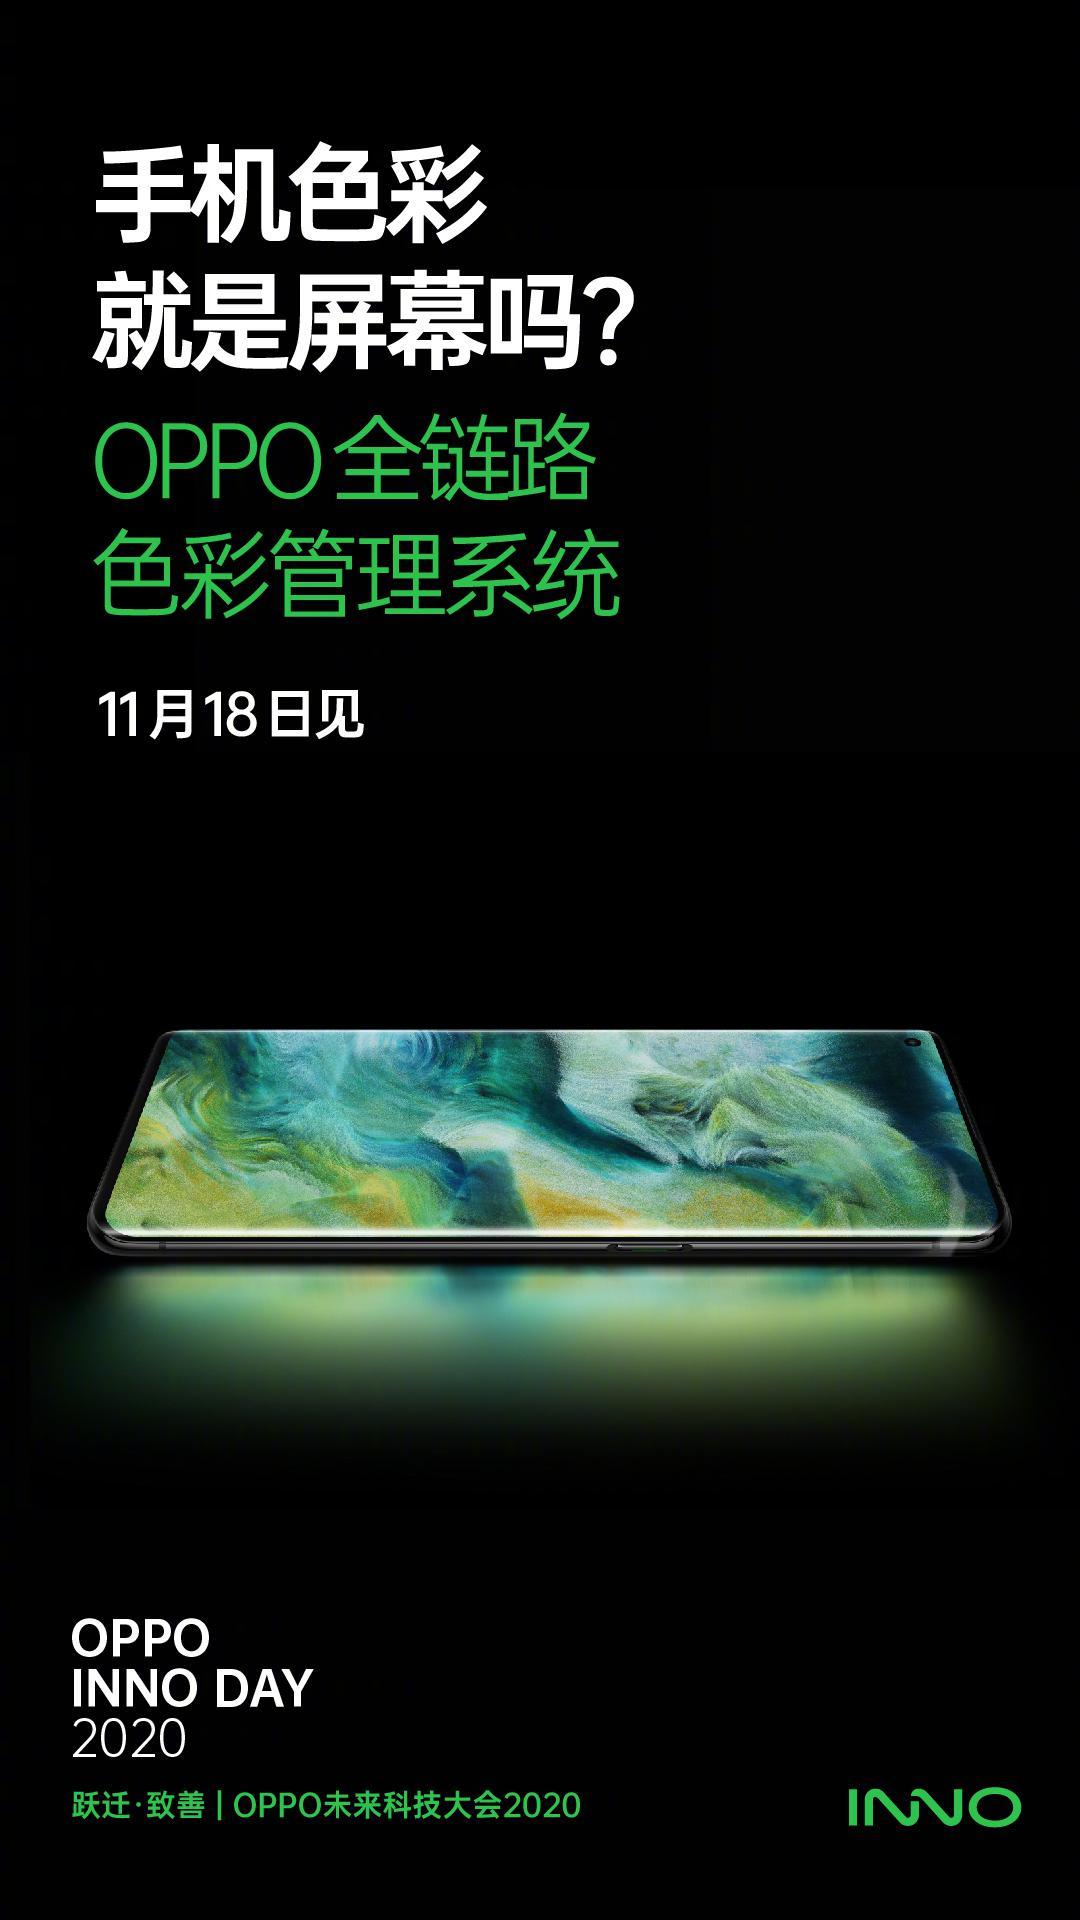 OPPO官宣全链路色彩管理系统,11月18日正式登场